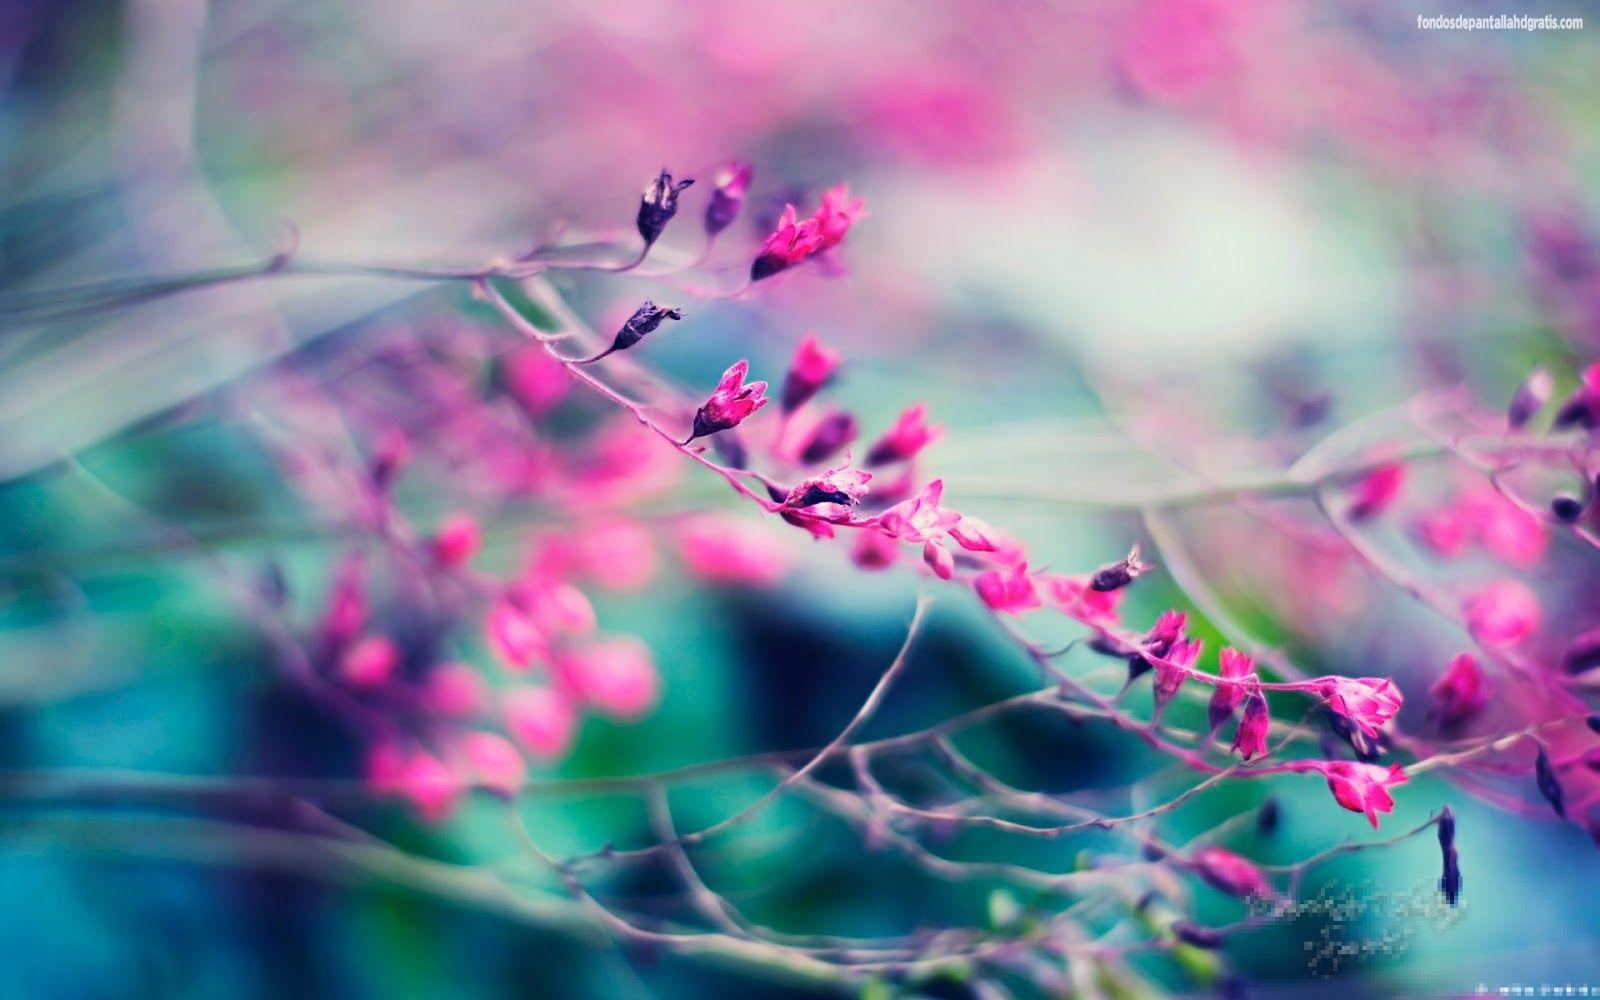 Fondos De Pantalla De Flores Hermosas Para Fondo Celular: Imagen En Hd 3 HD Wallpapers